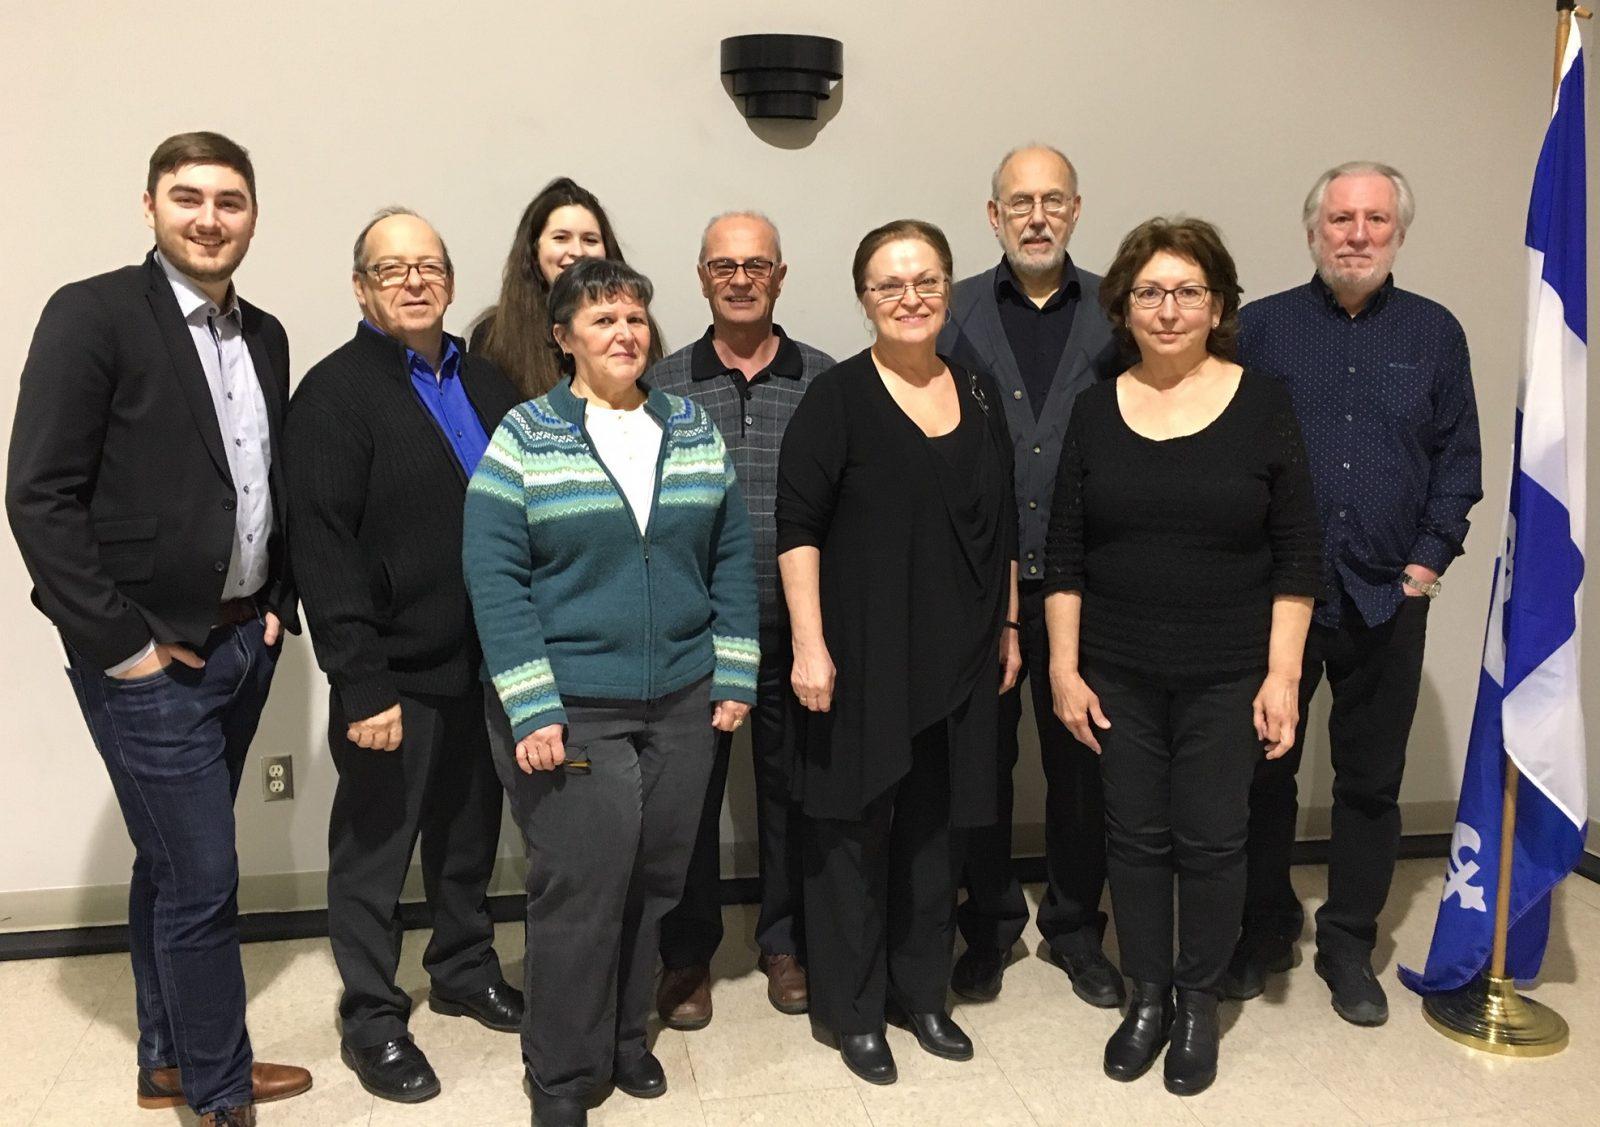 Un processus de refondation du Parti québécois et des changements du côté du mouvement souverainiste